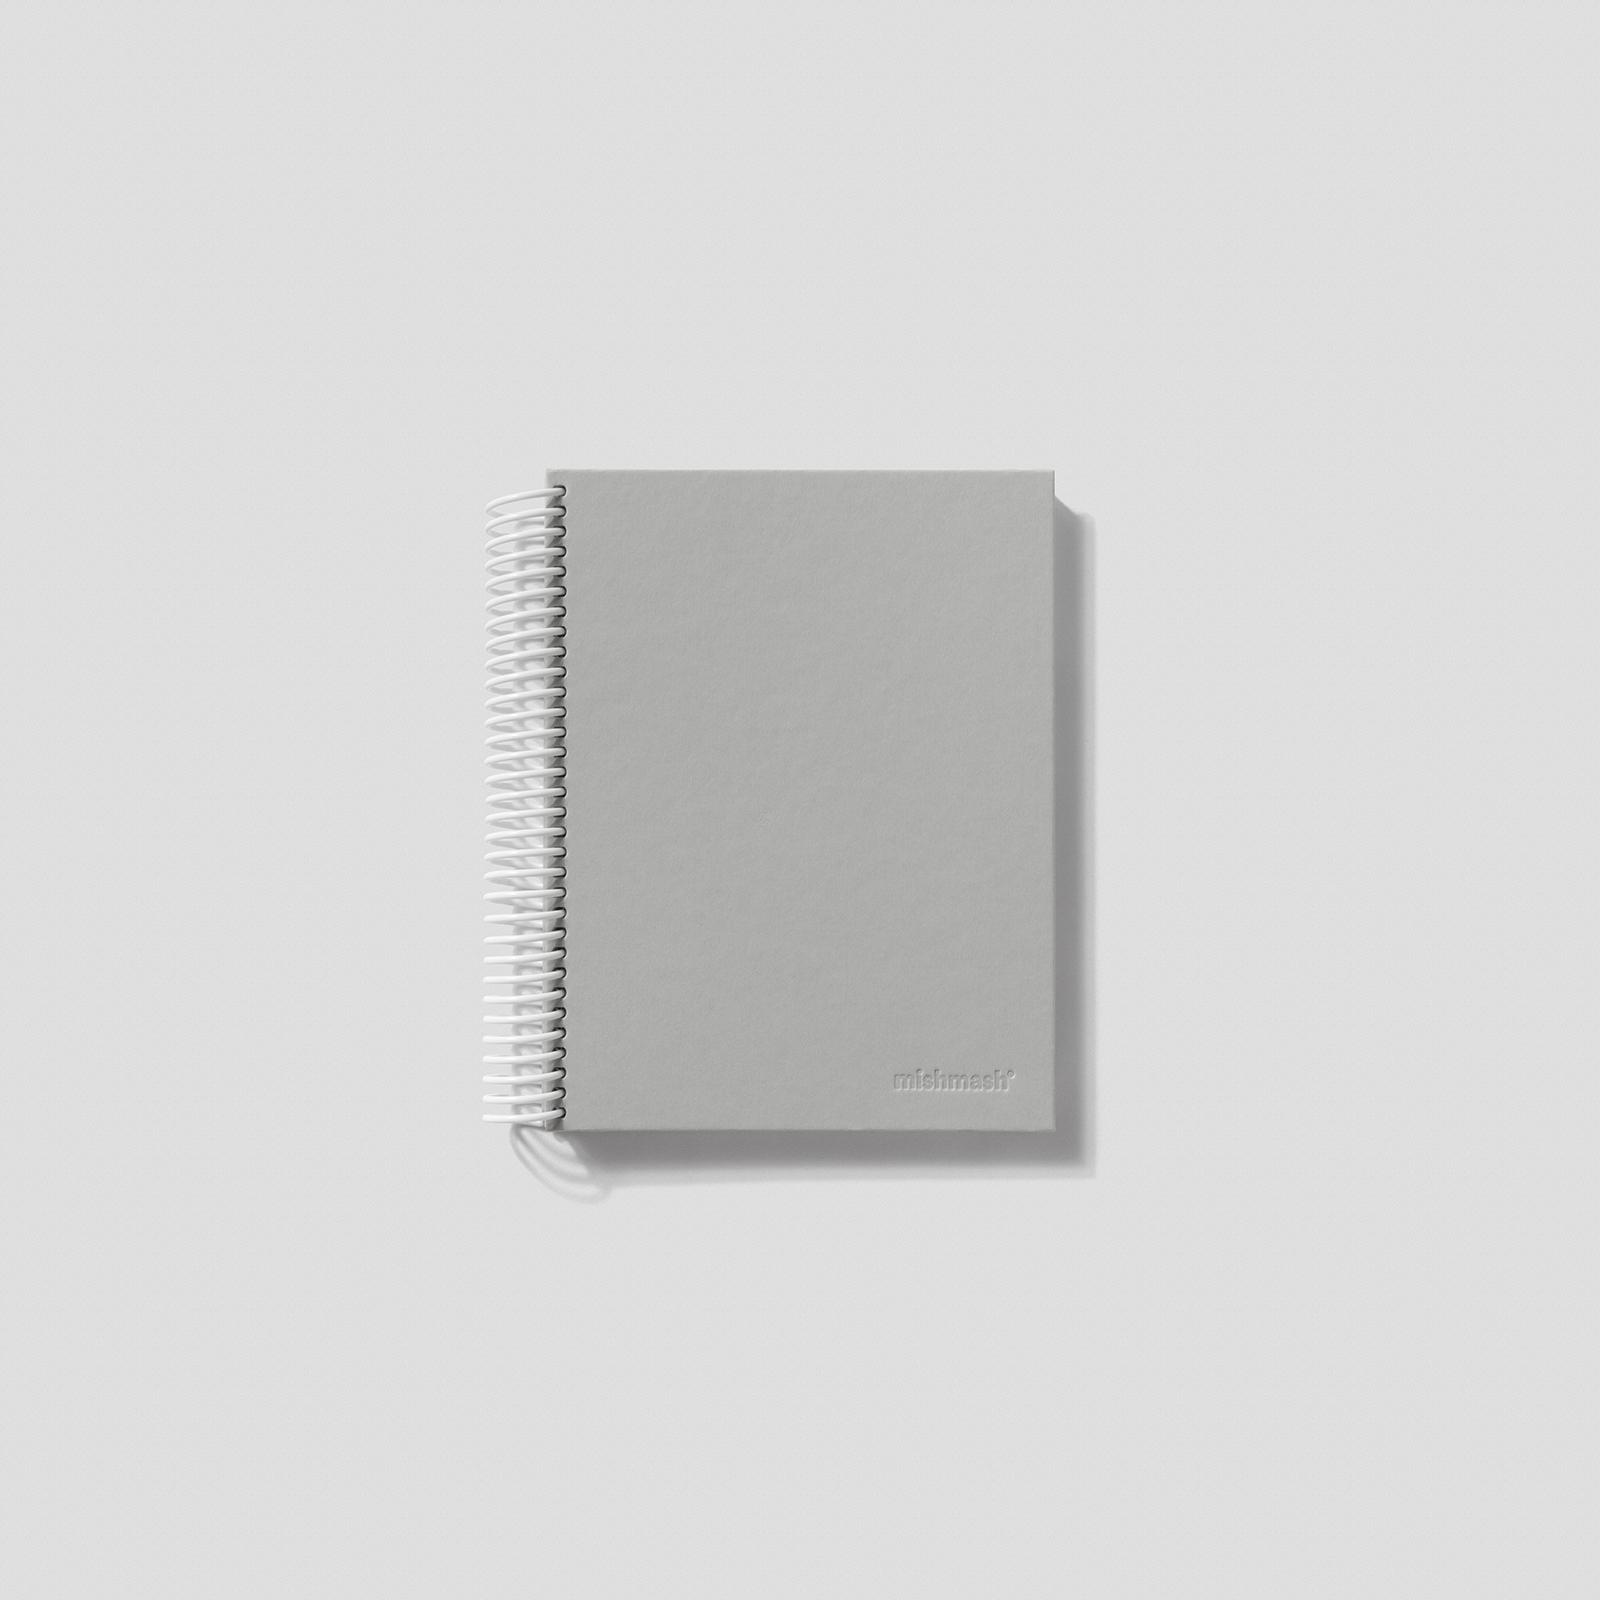 Mishmash Спиральный блокнот Easy Breezy Grey